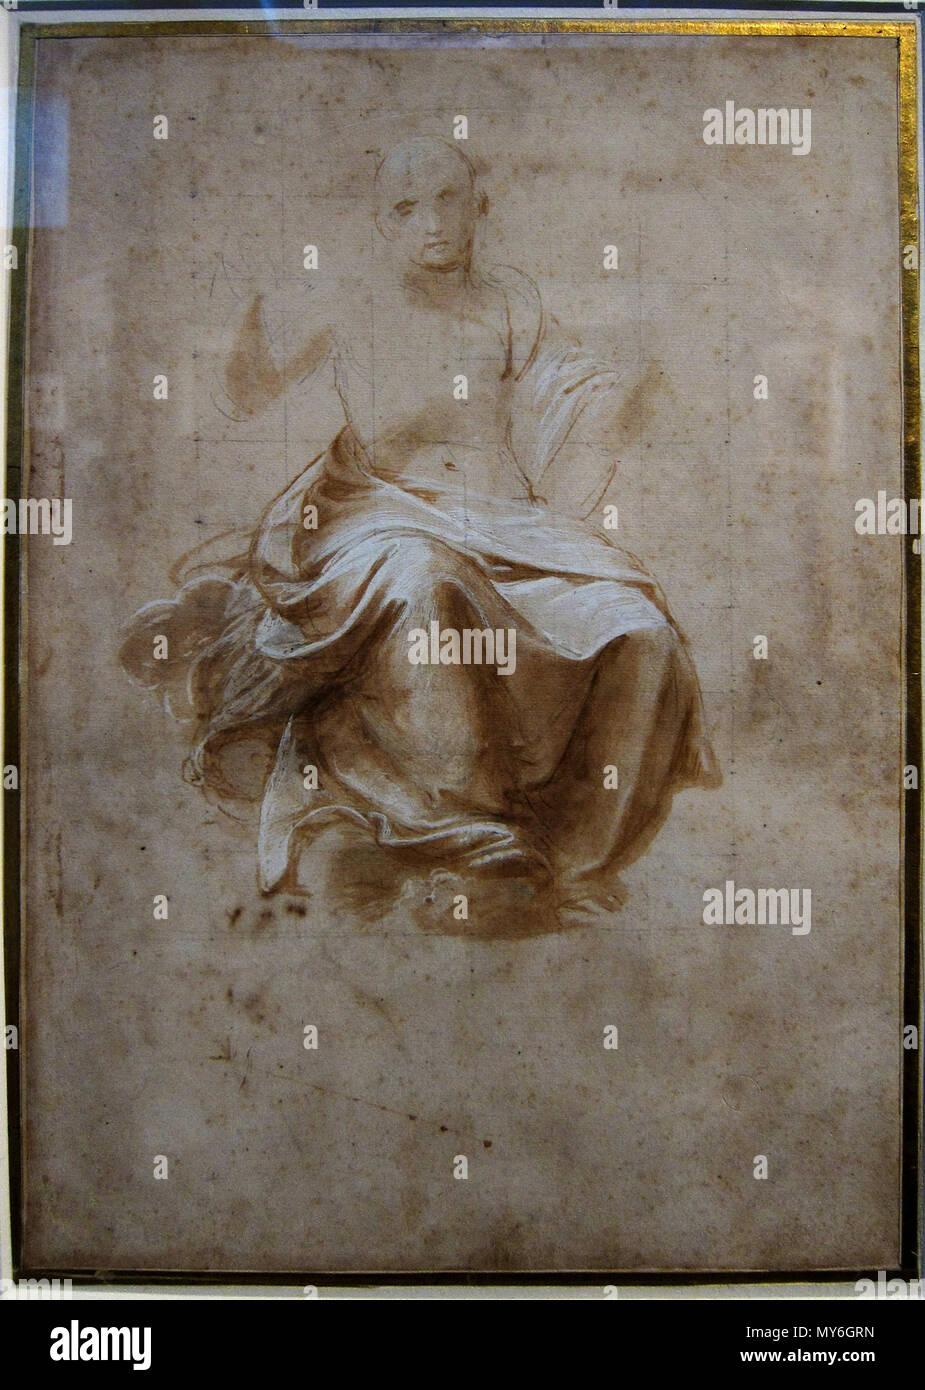 . Français: Homme drapé assis au Palais des beaux-arts de Lille. 25 May 2013, 16:20:02. Raphaël 324 Lille PdBA raphael drape assis - Stock Image